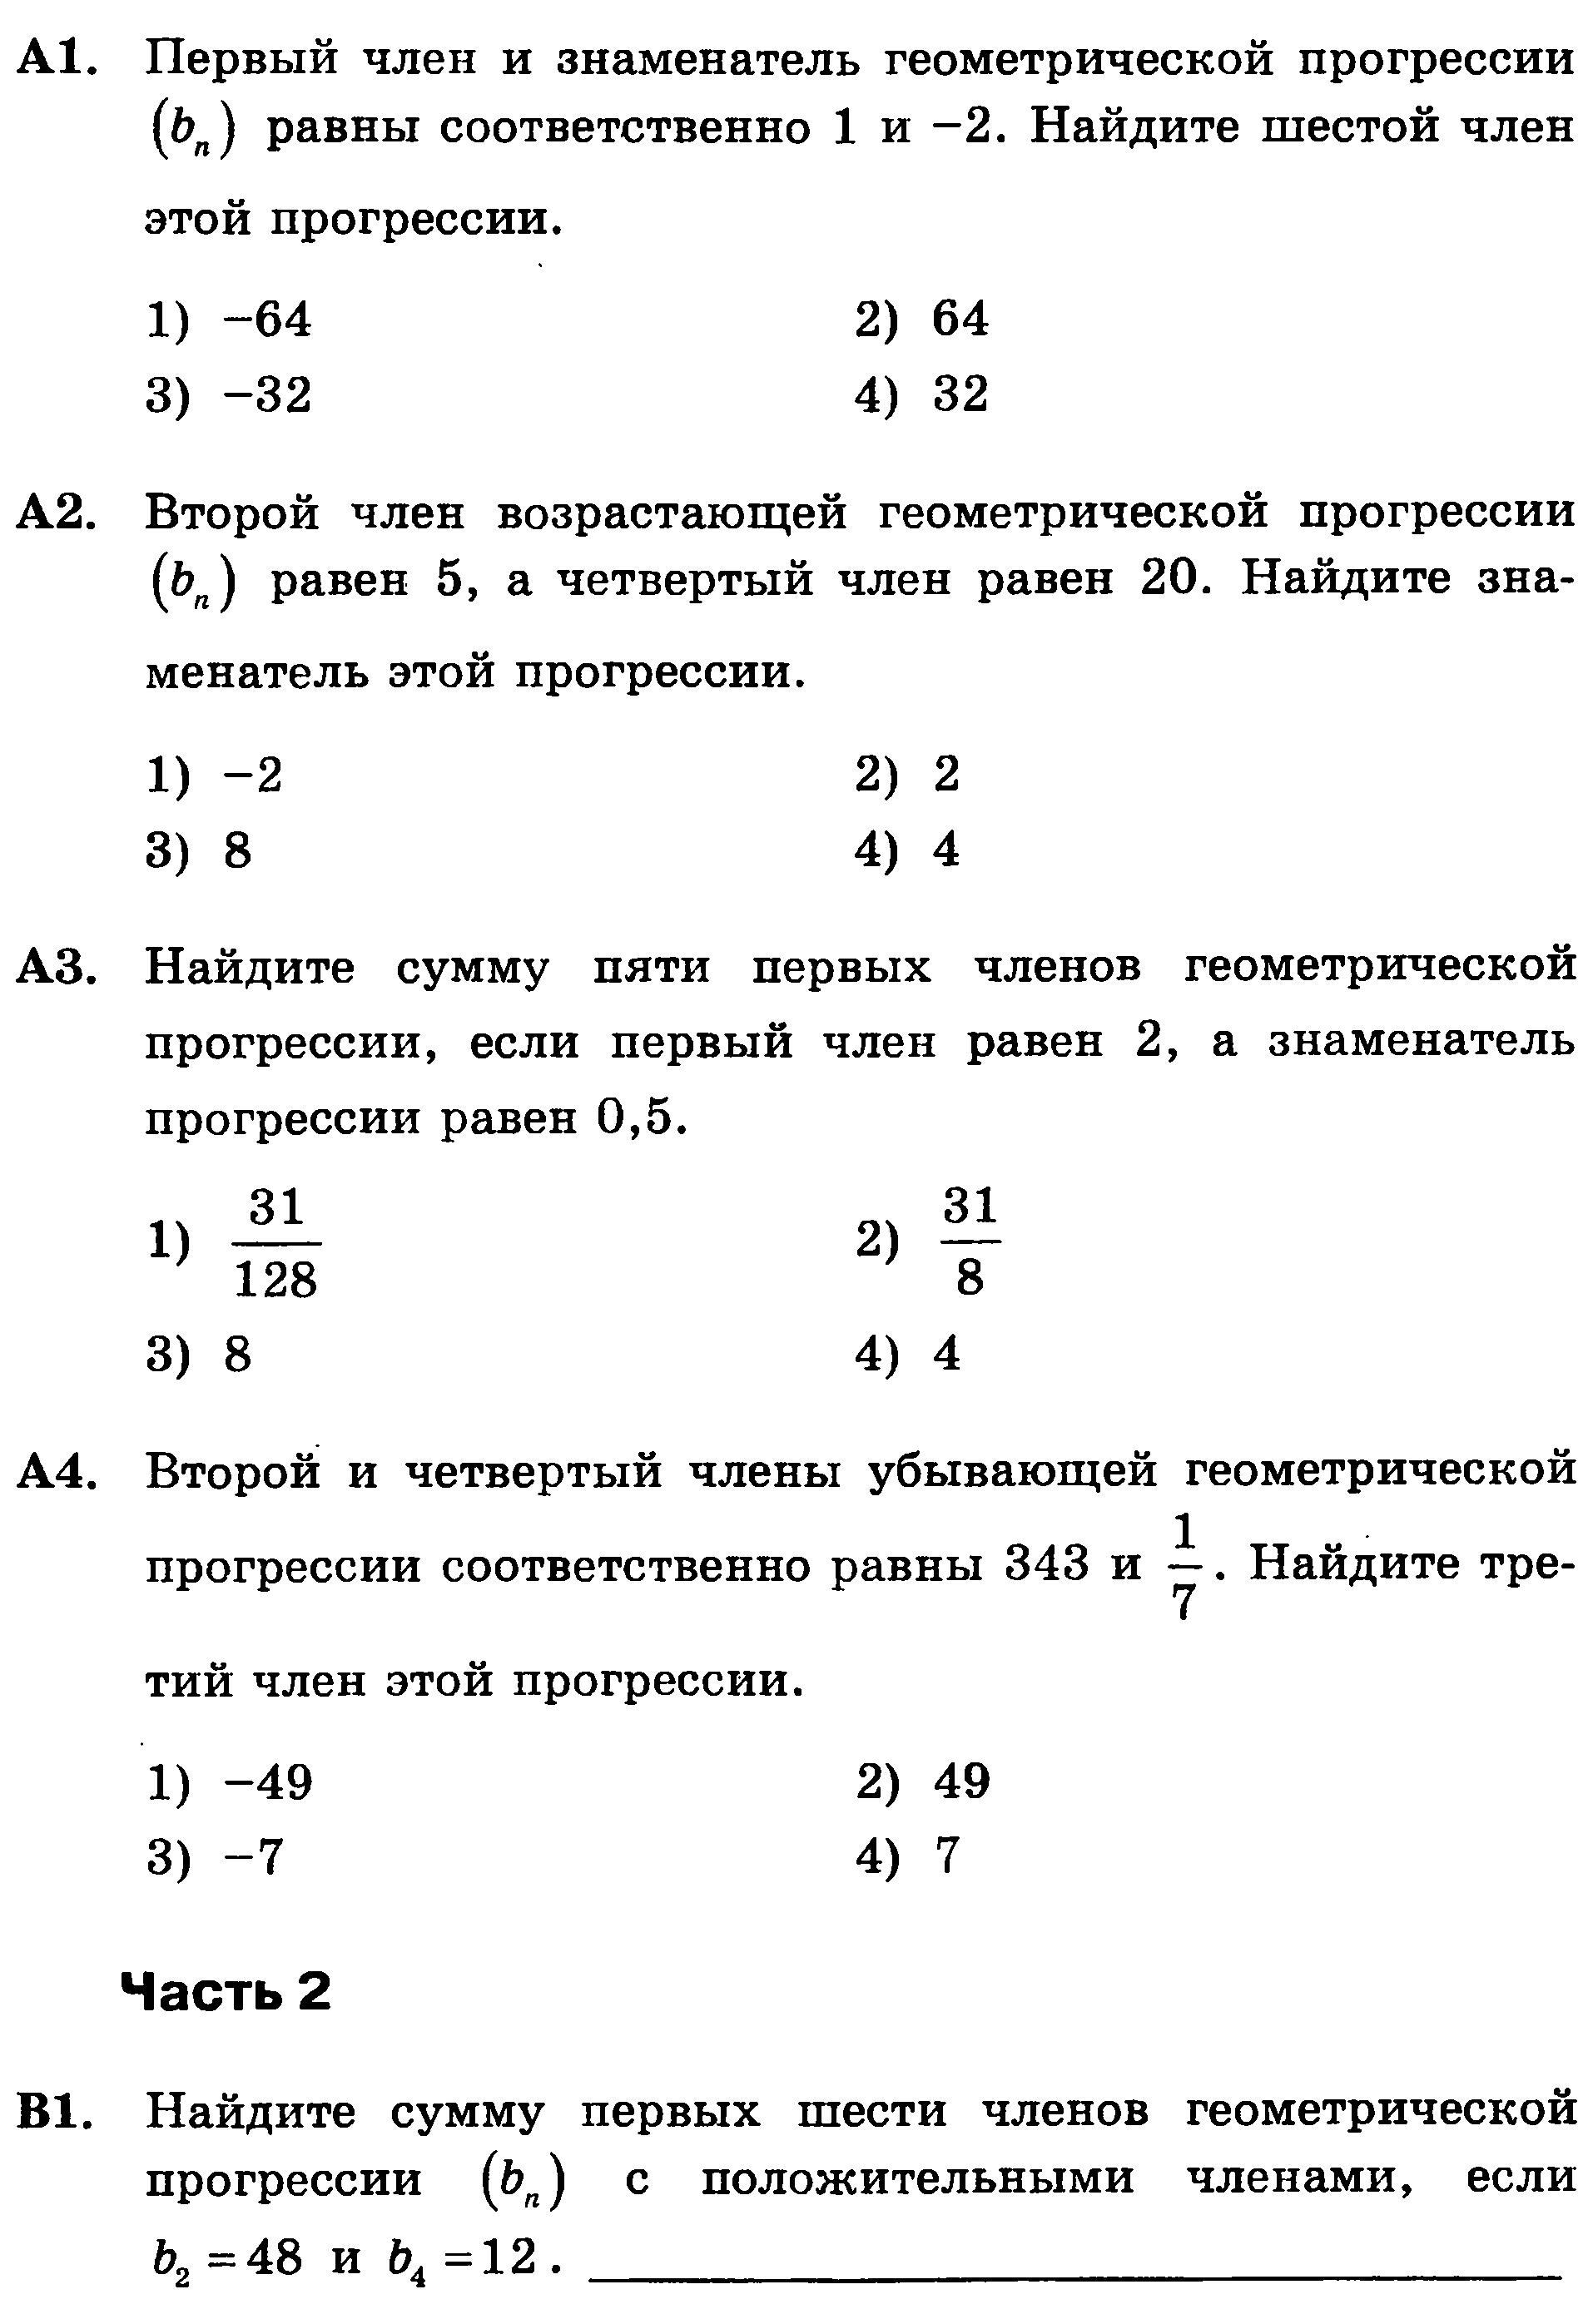 Рассматриваются геометрические прогрессии у каждой из которых первый член равен 10